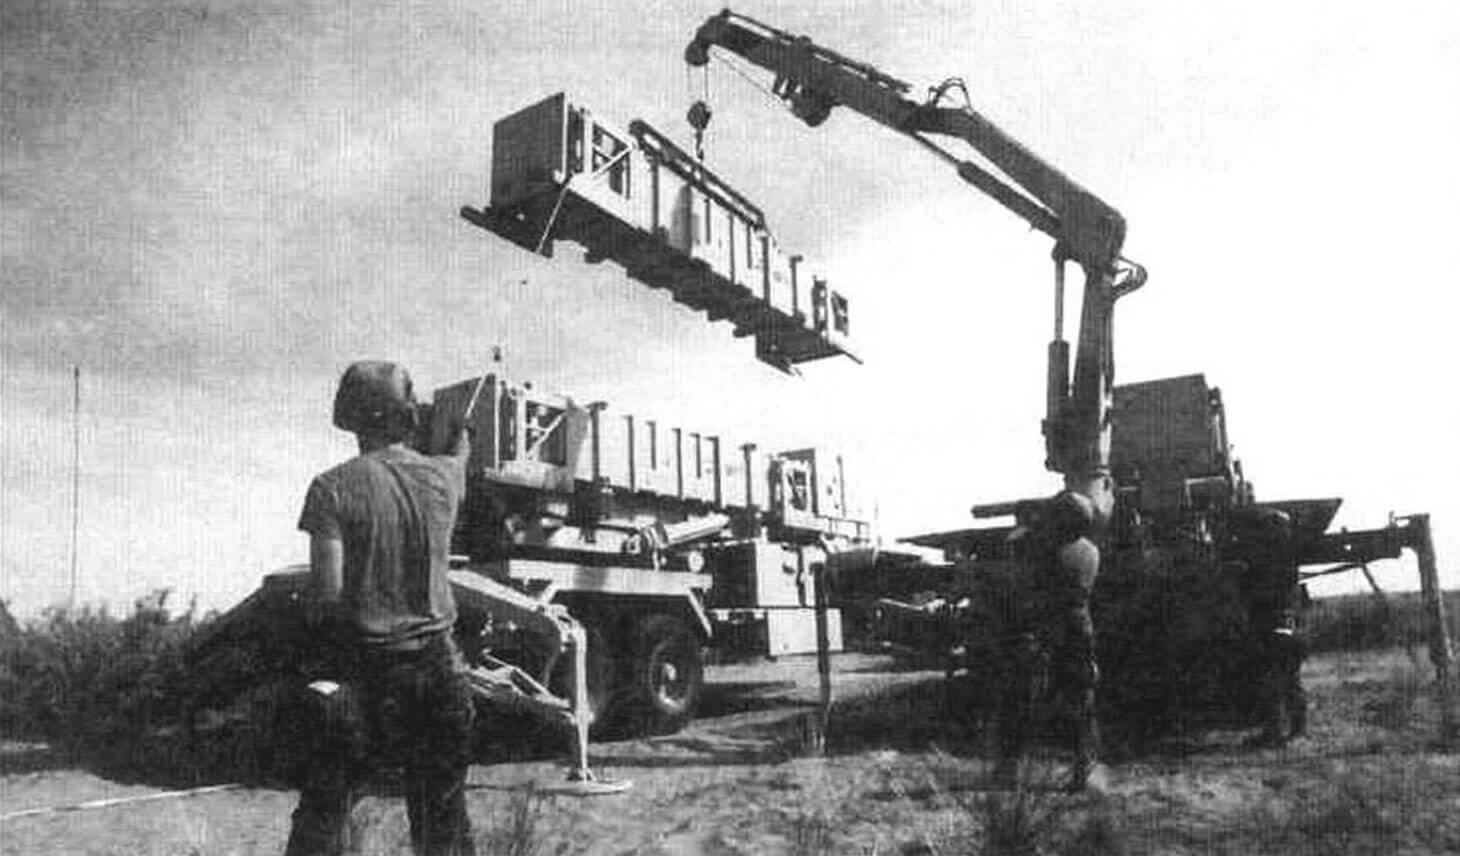 Кроме основных боевых средств, в каждой батарее «Пэтриот» числятся восемь вспомогательных машин, таких, как этот автокран, с помощью которого заряжают пусковую установку М901